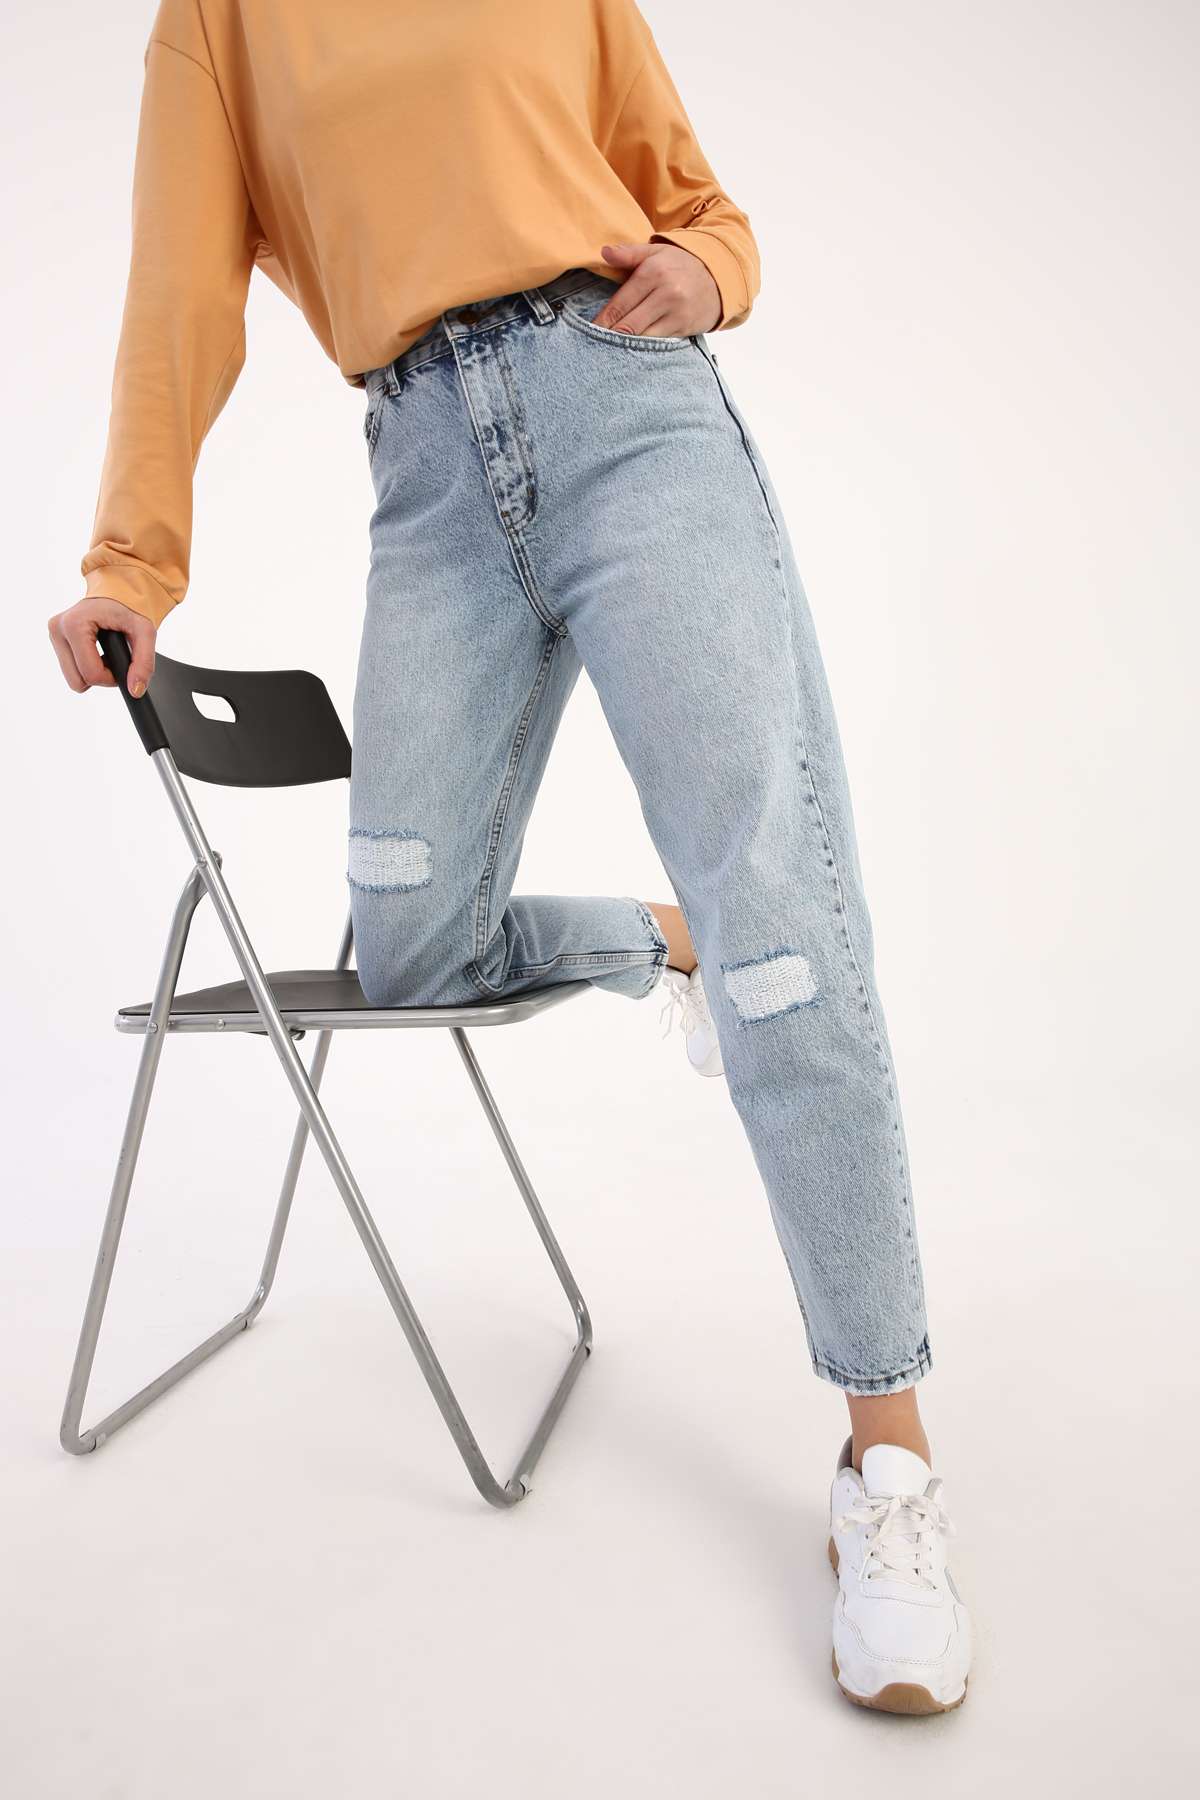 100% Cotton Denim Pants